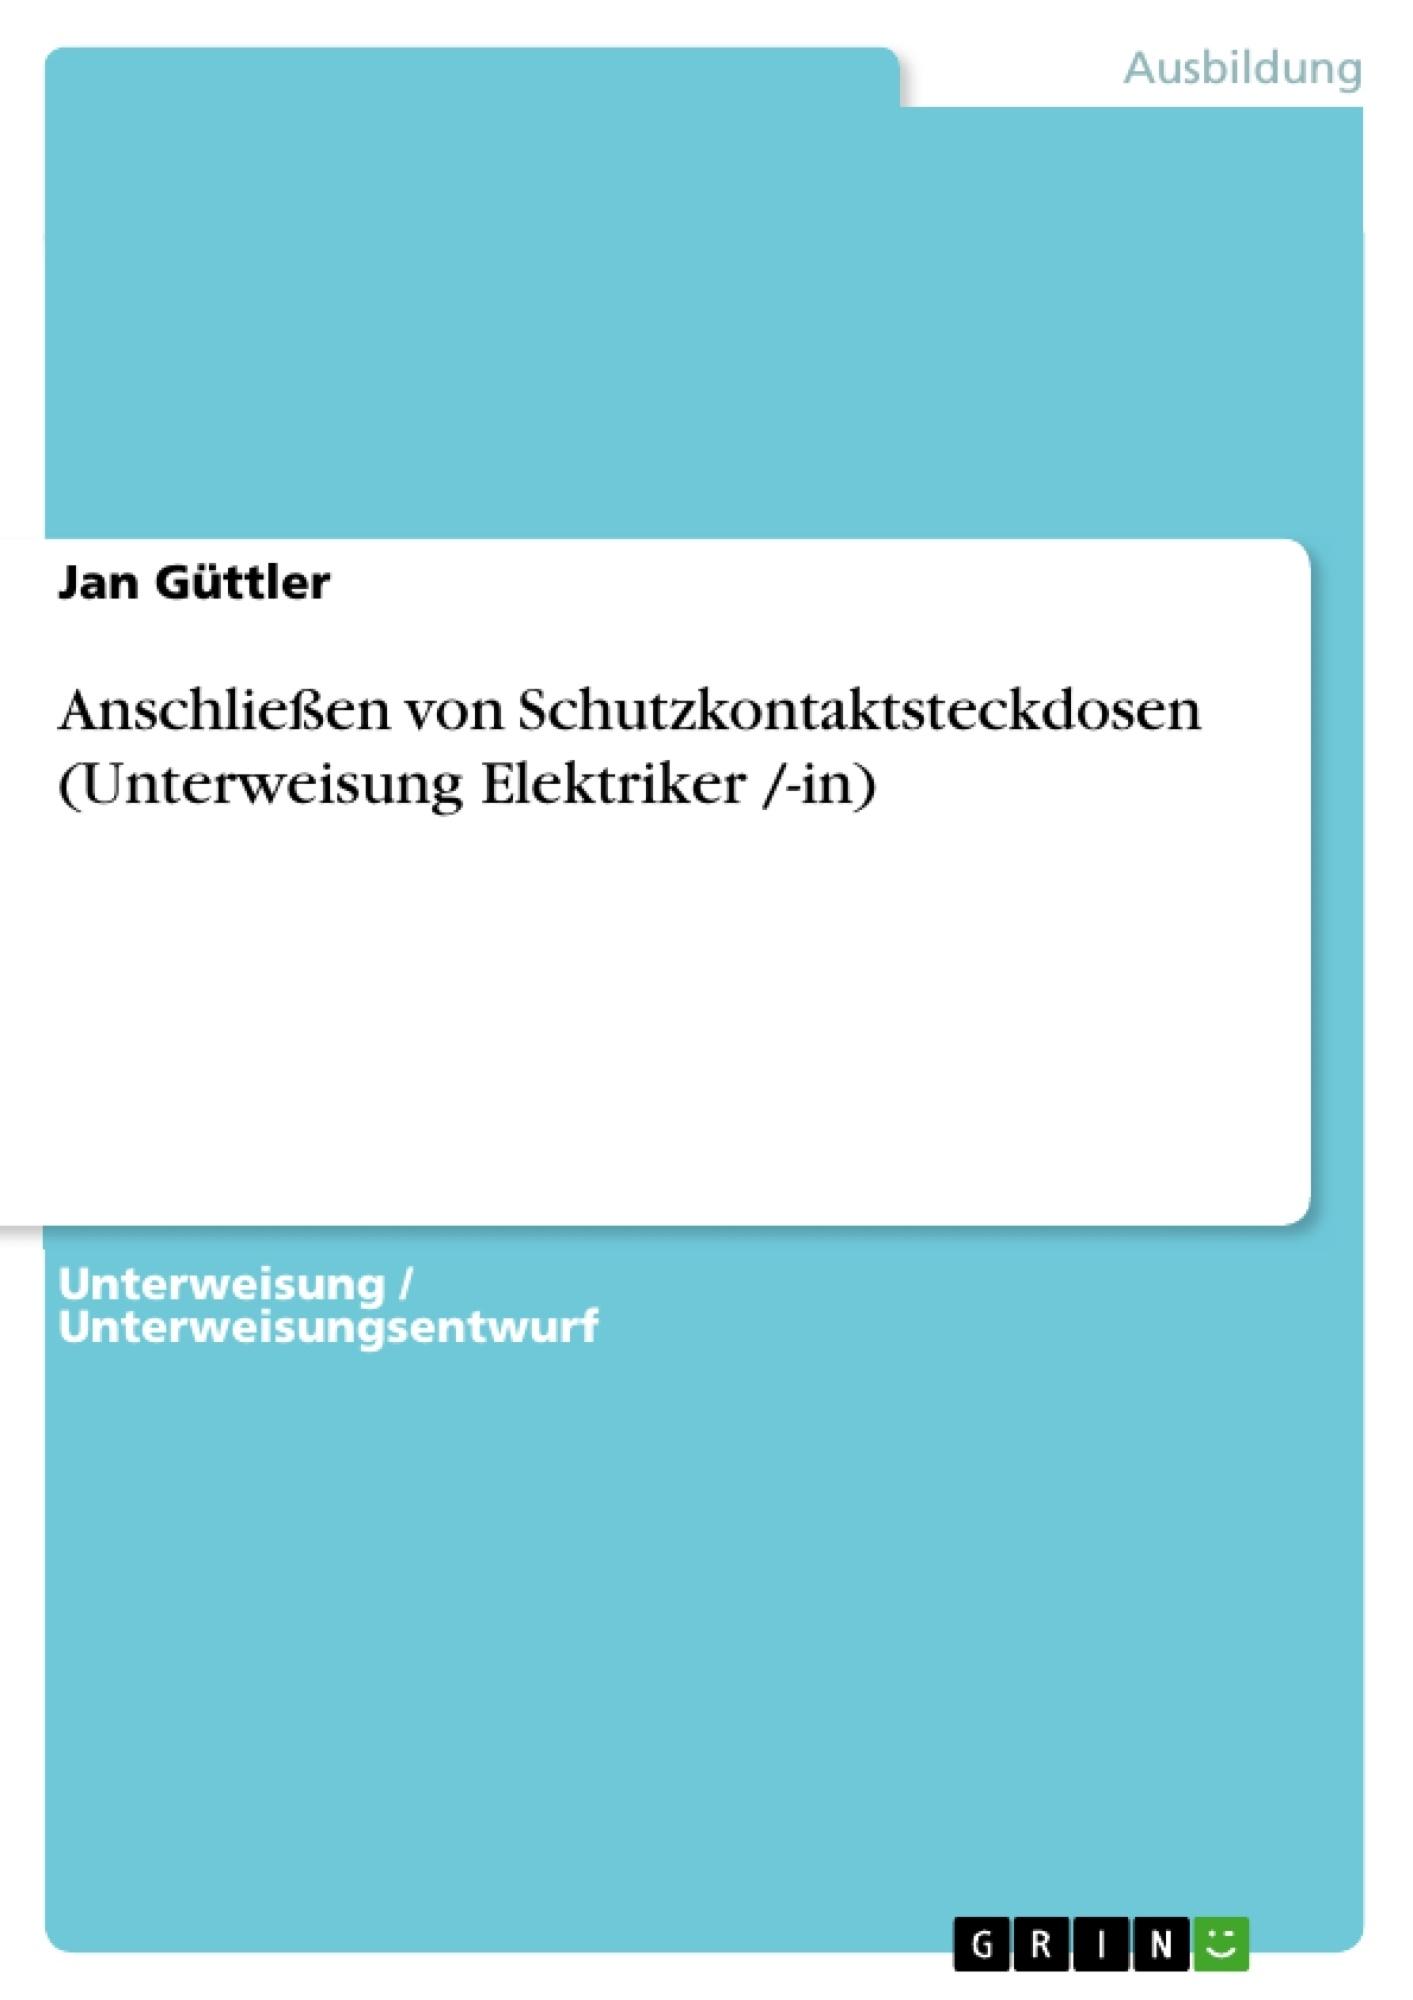 Titel: Anschließen von Schutzkontaktsteckdosen (Unterweisung Elektriker /-in)